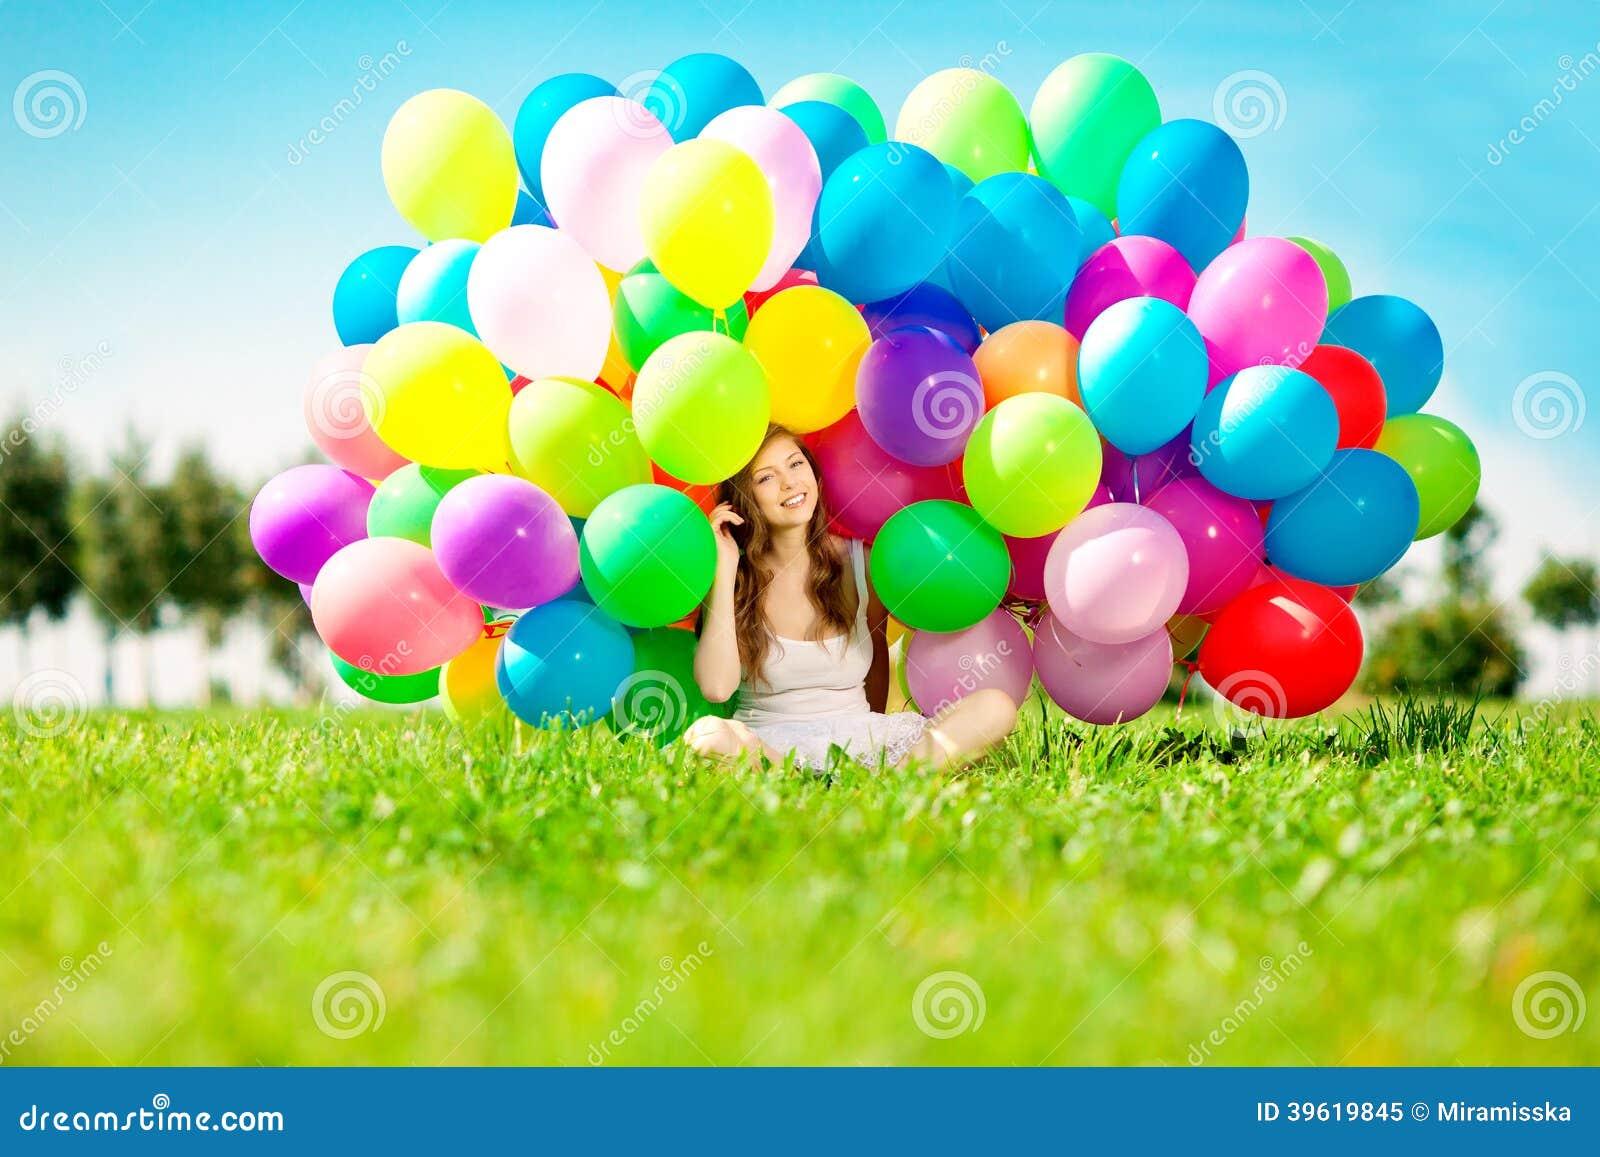 Kvinna för lycklig födelsedag mot himlen med regnbåge-färgade luftlodisar